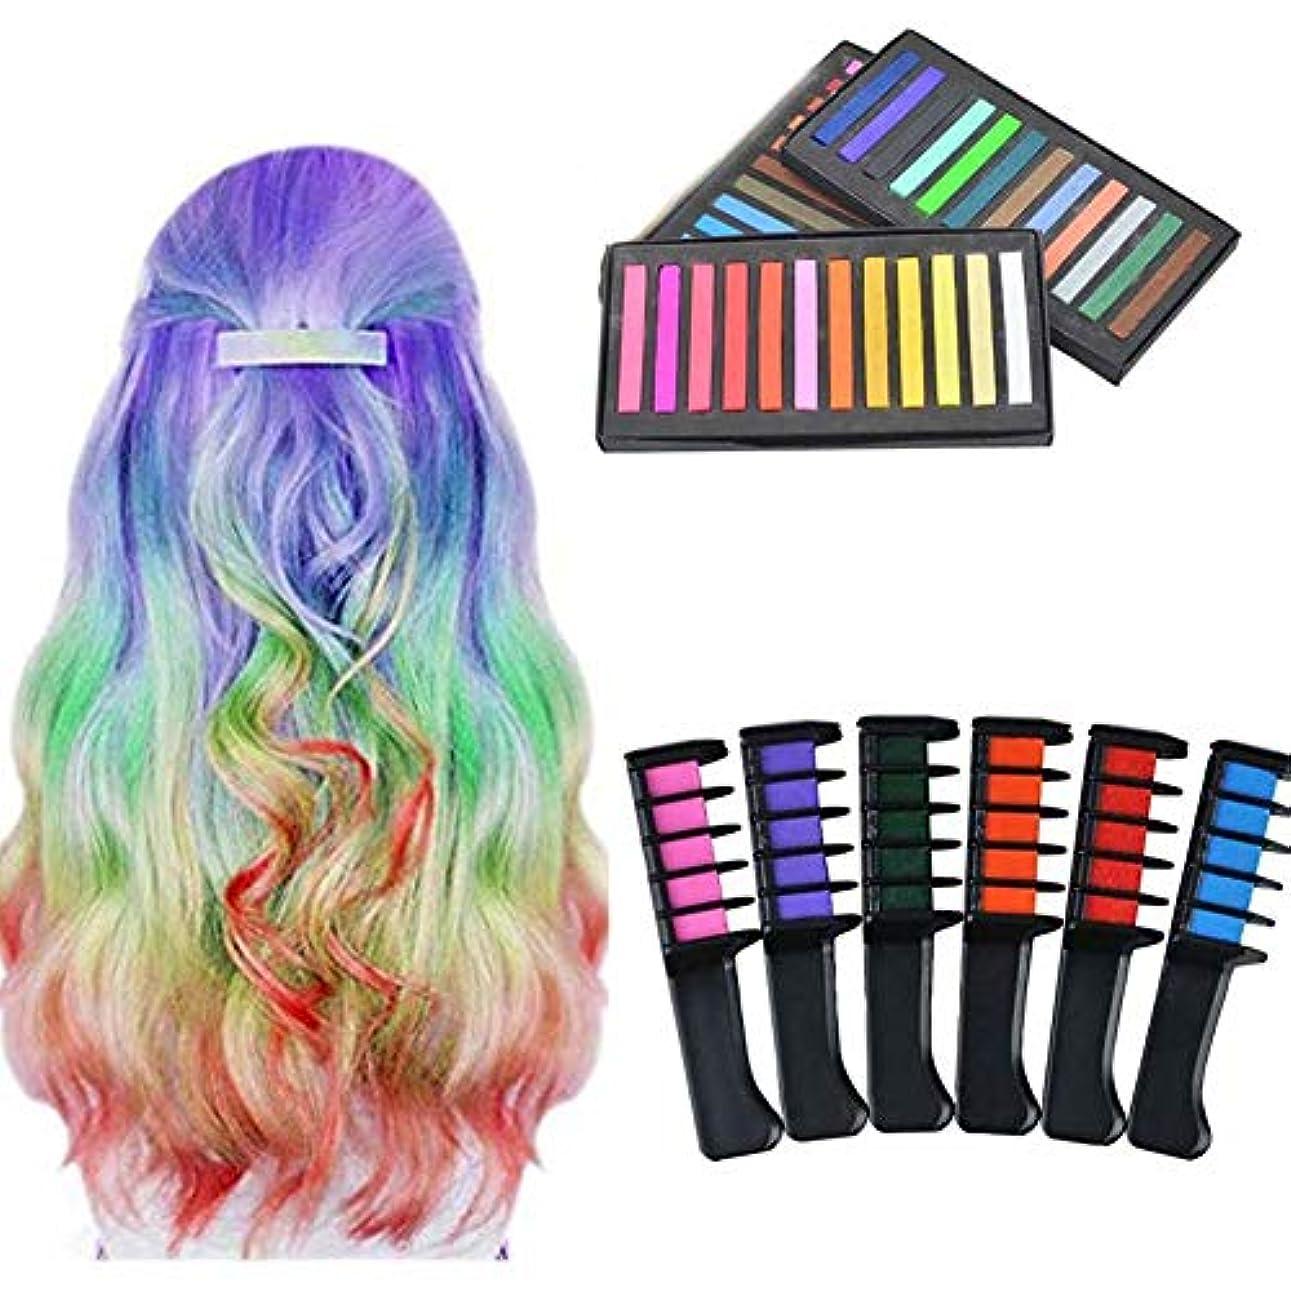 パーツ標高メドレーキッズパーティー洗える髪染めペットキット(6色+ 36色ヘアスティック)のための髪染料チョーク櫛一時的な色